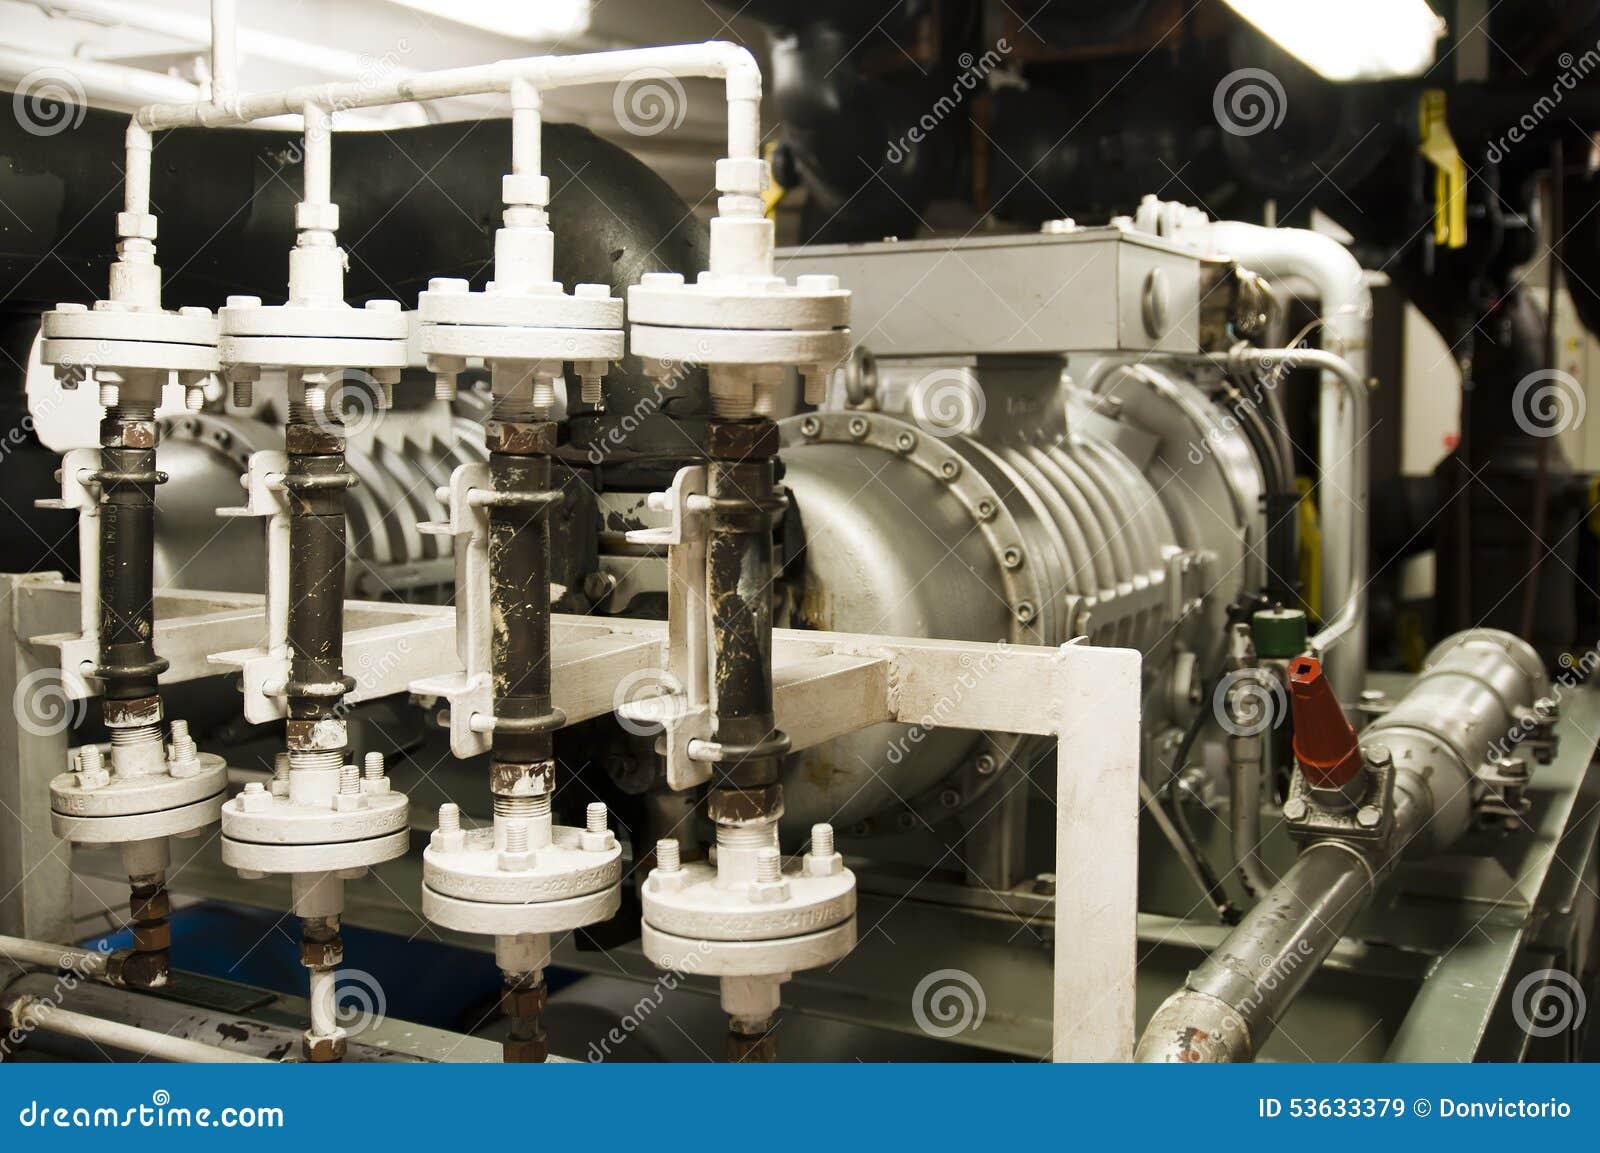 Utrymme för tungt maskineri - rör, ventiler, motorer